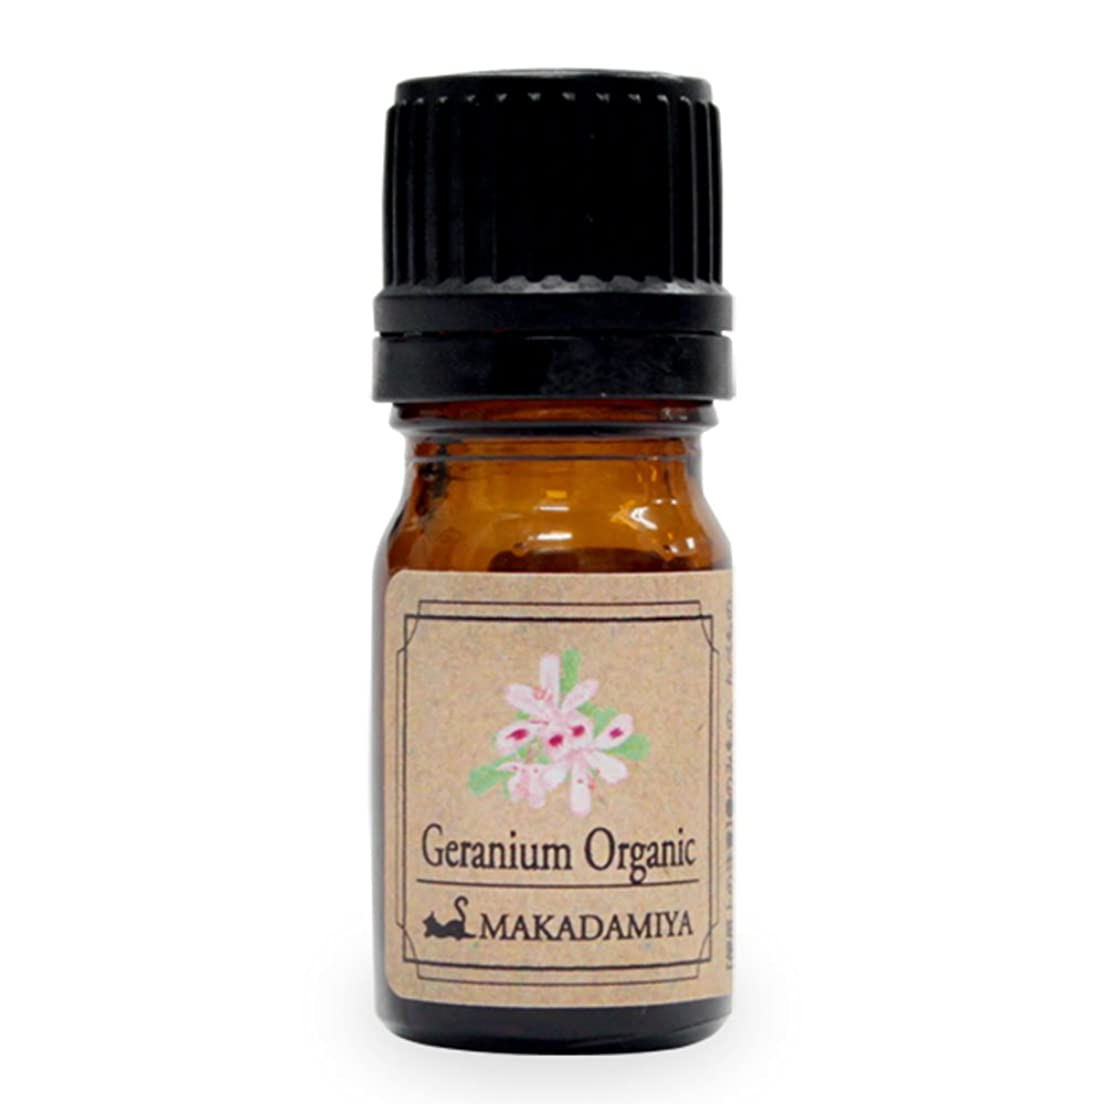 カニアジテーション人気ゼラニウム有機1ml 天然100%植物性 エッセンシャルオイル(精油) アロマオイル アロママッサージ aroma